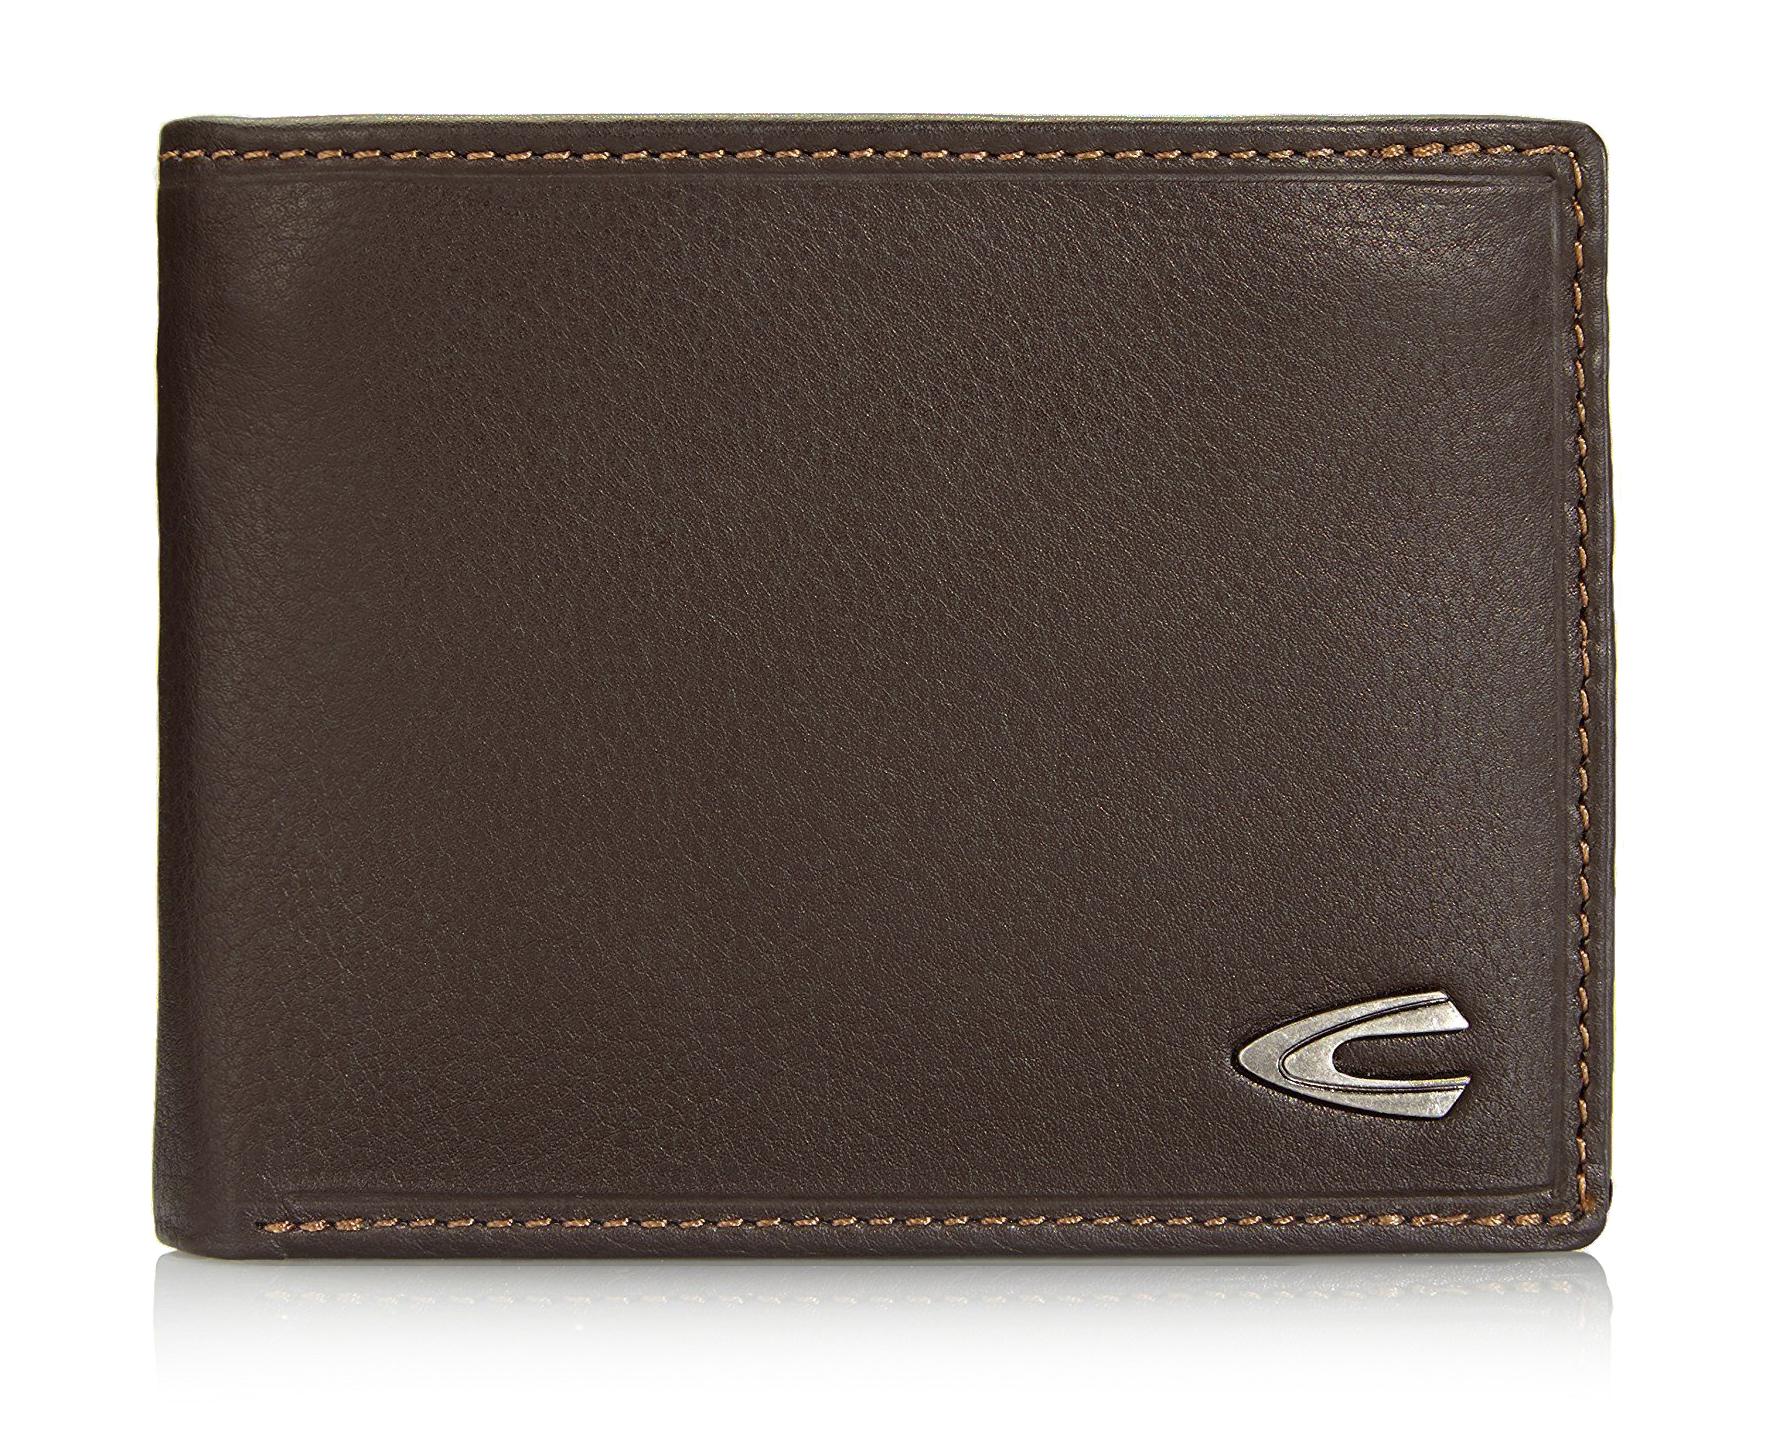 ff03aa1aad410 CAMEL ACTIVE B34 703 20 portfel męski to najlepsze produkty w swojej ...